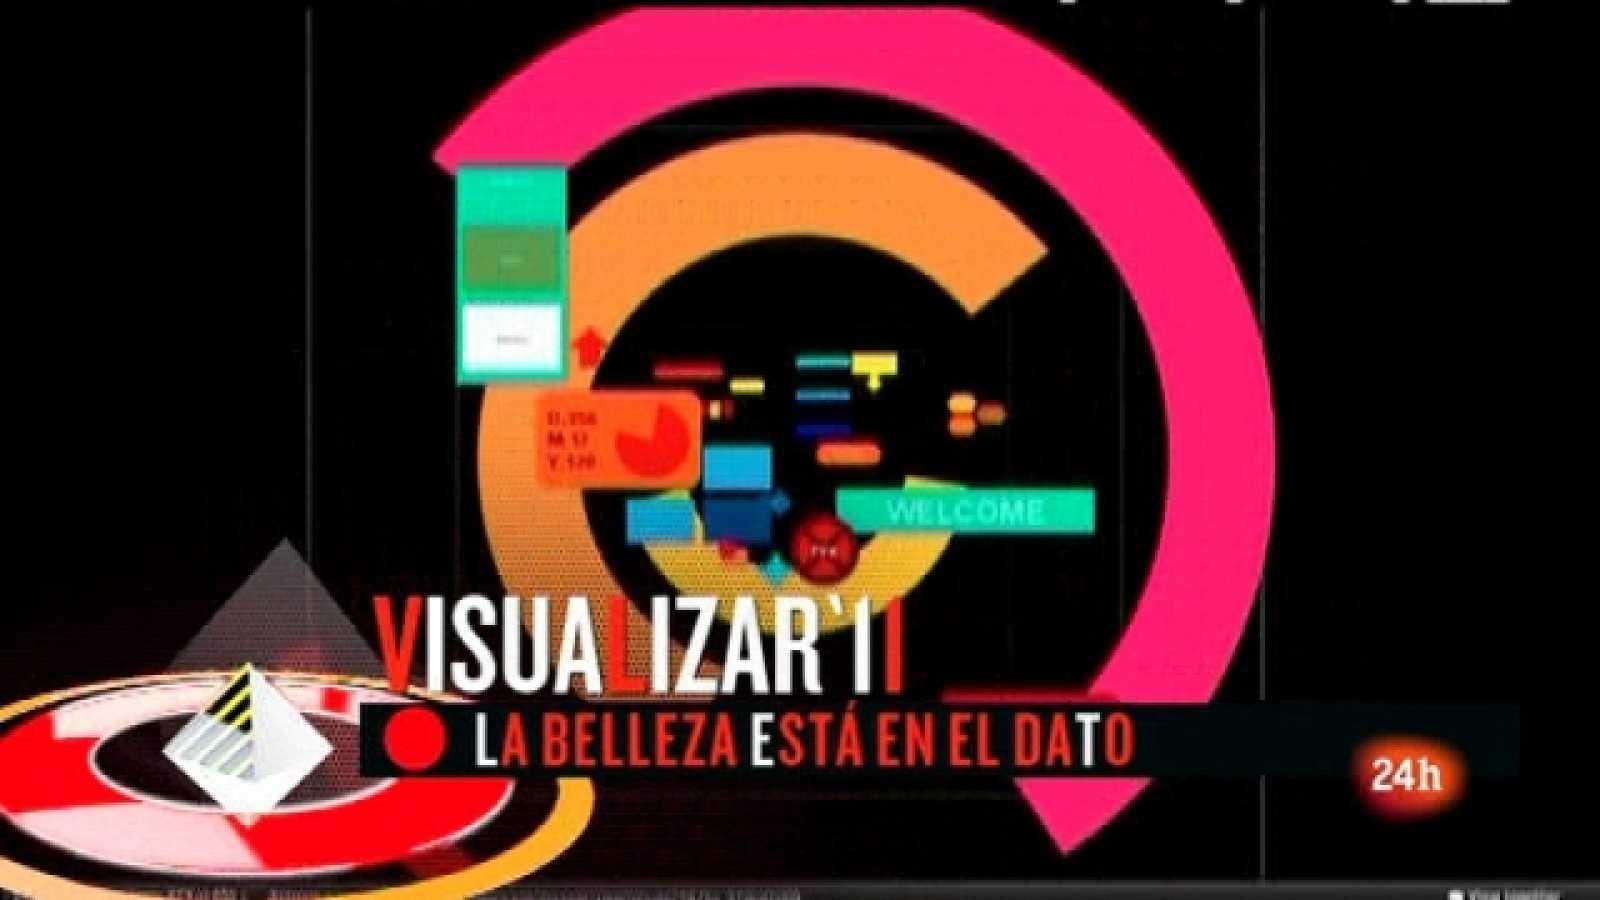 Cámara abierta 2.0 - Salud 2.0, Visualizar'11 y David Trueba - 22/10/11 - Ver ahora